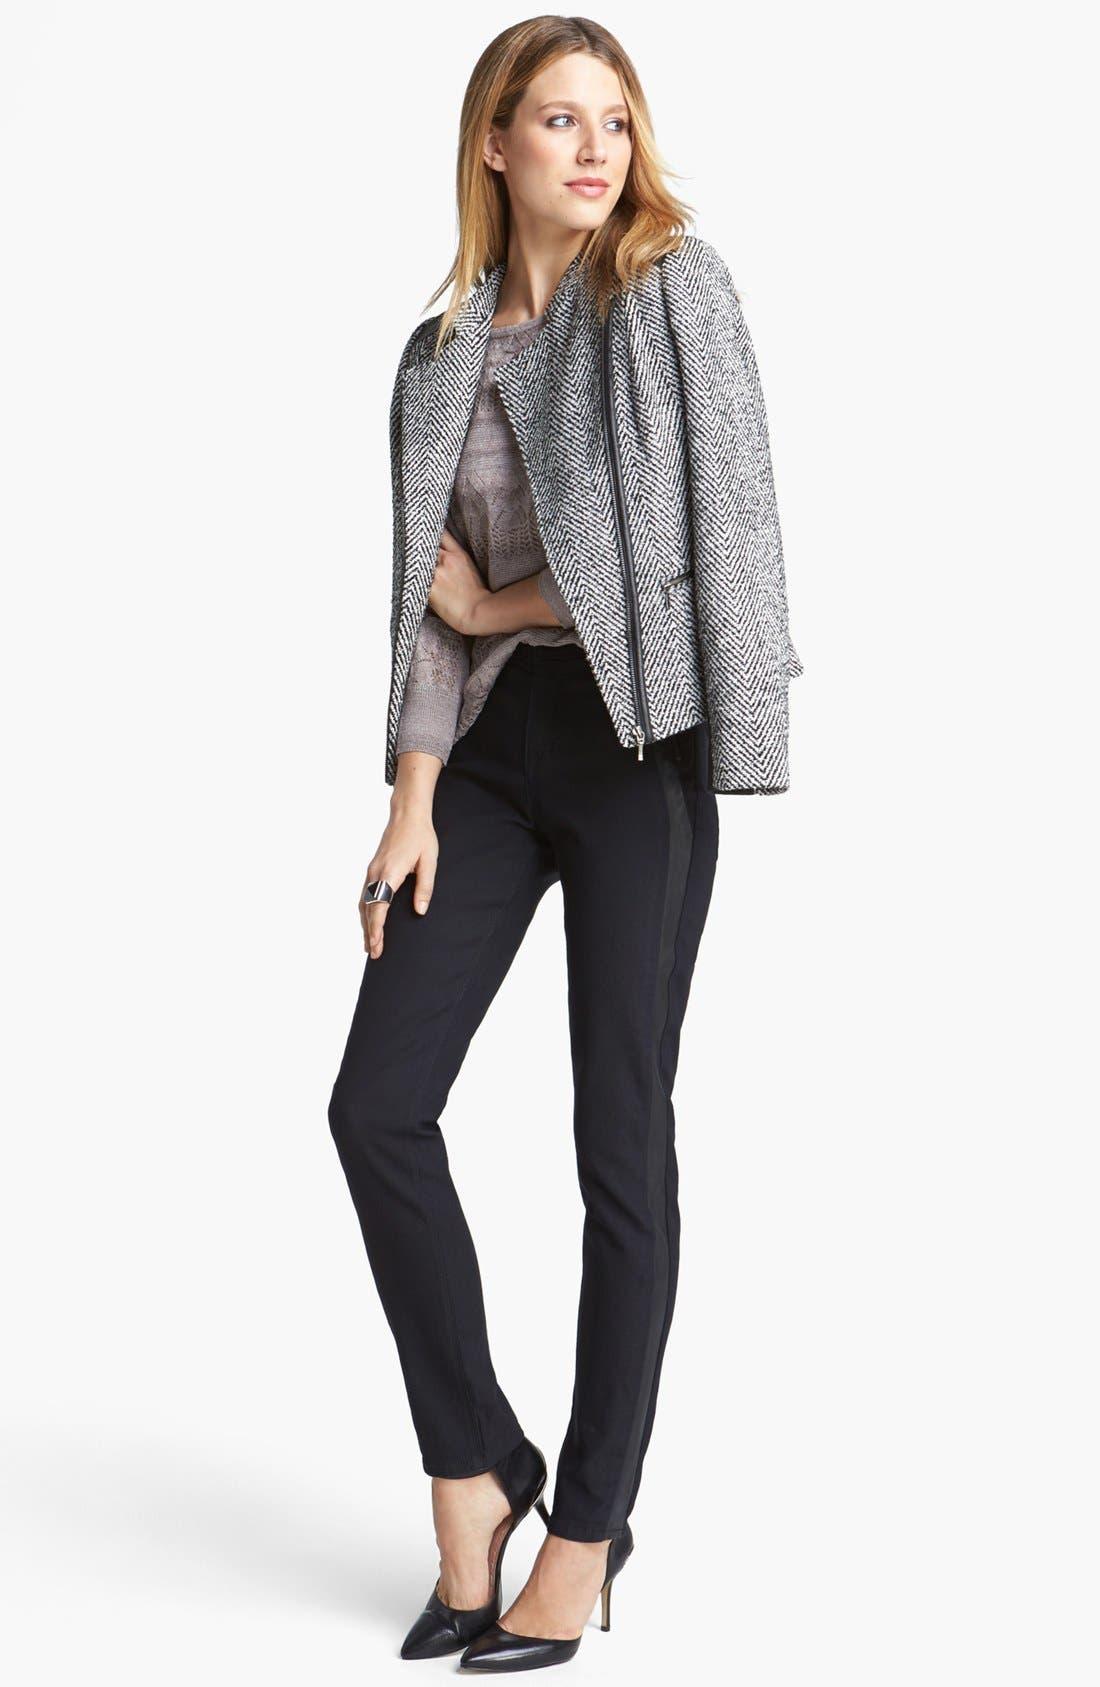 Main Image - NYDJ 'Megan' Faux Leather Trim Stretch Skinny Jeans (Dark Enzyme)